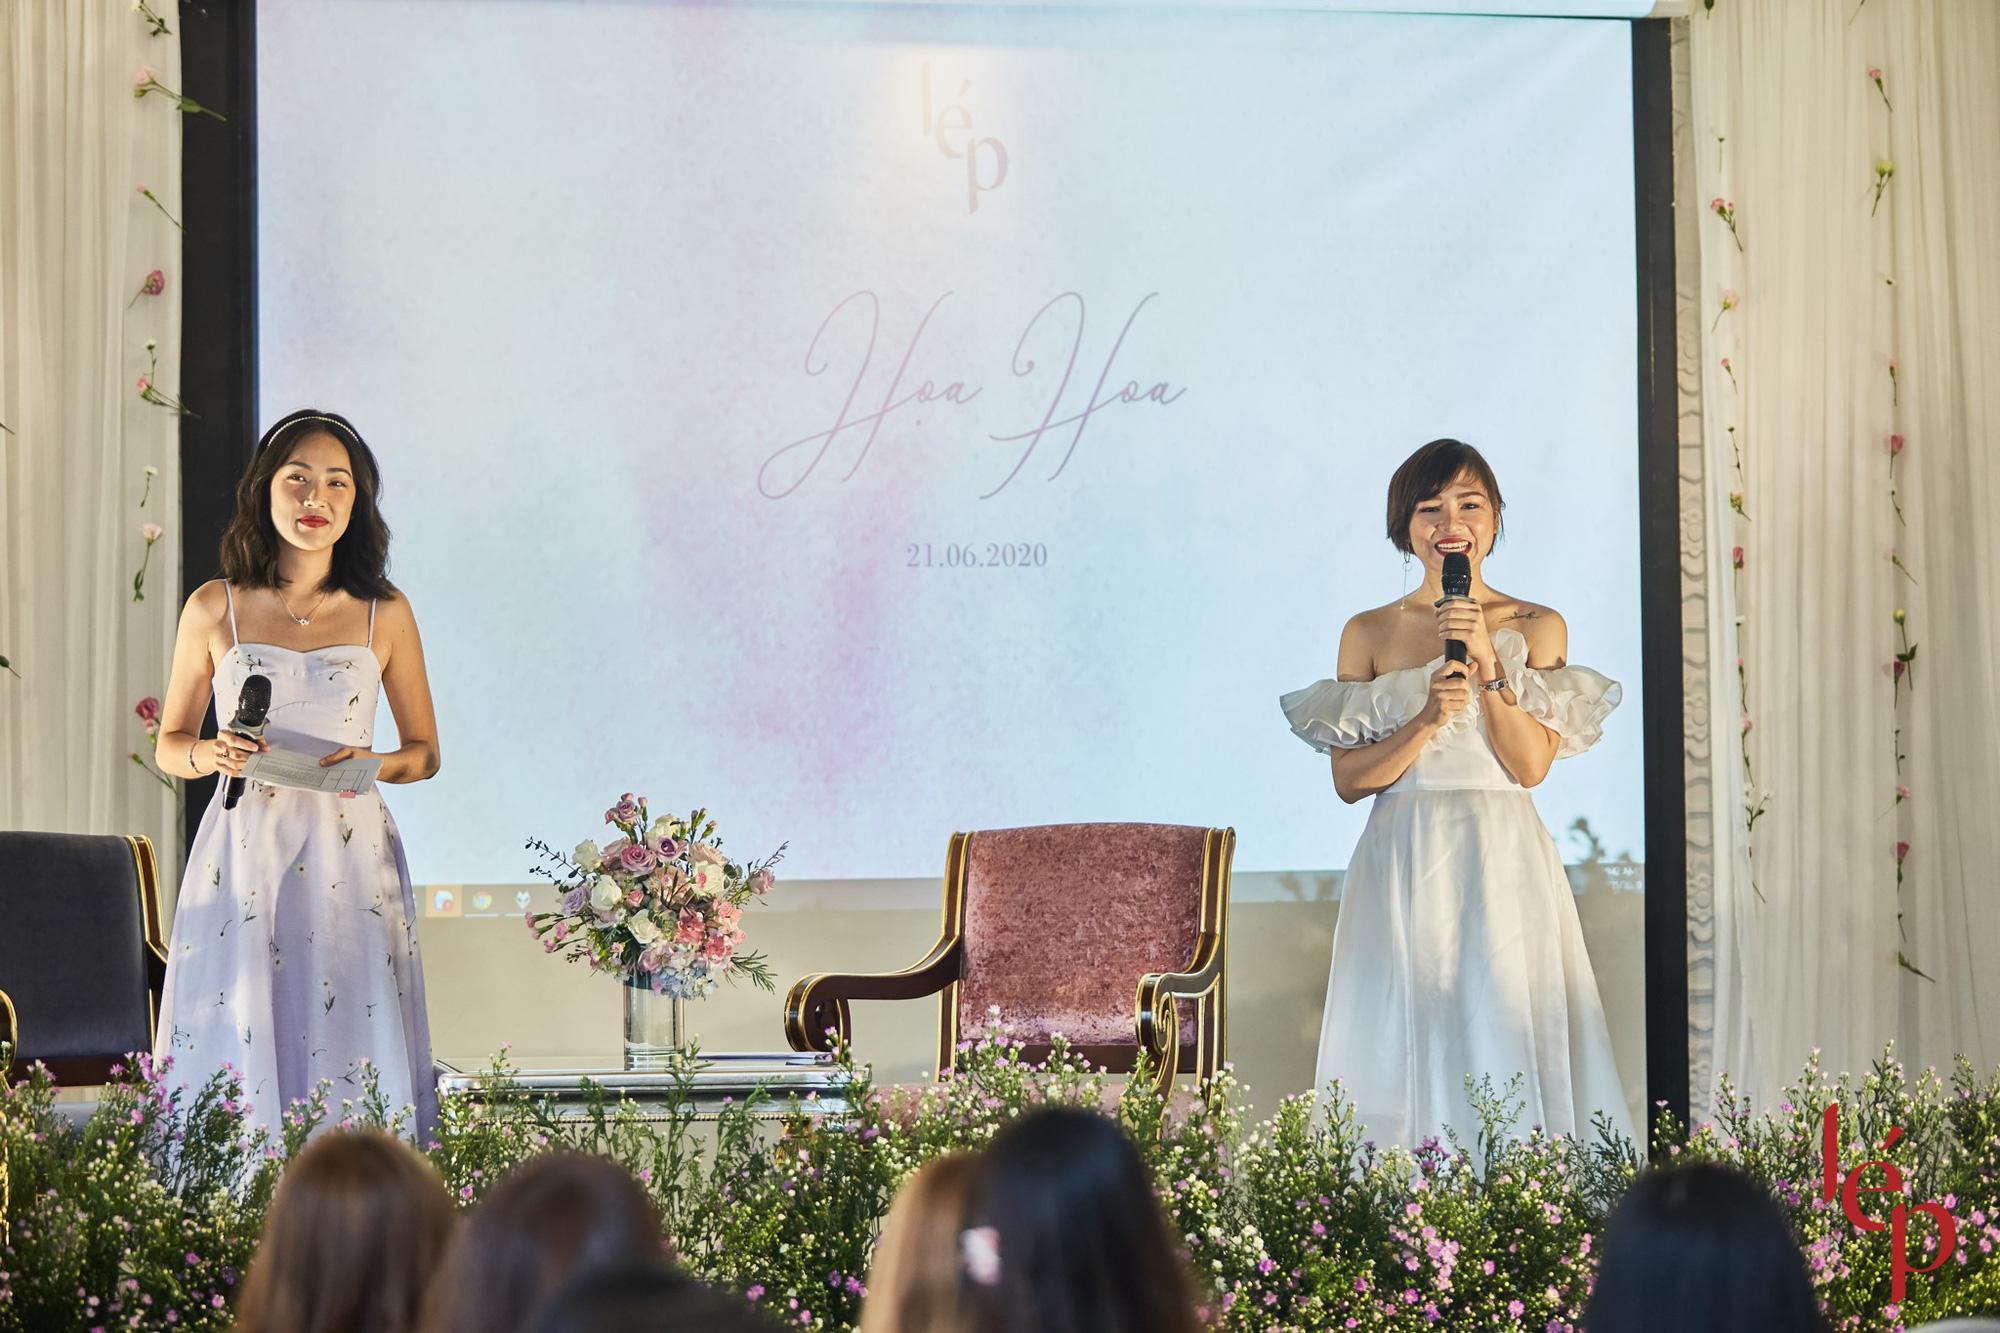 Lep' - Brand nổi tiếng với những chiếc váy hoa cùng khách hàng thiết kế họa trên lụa - Ảnh 2.